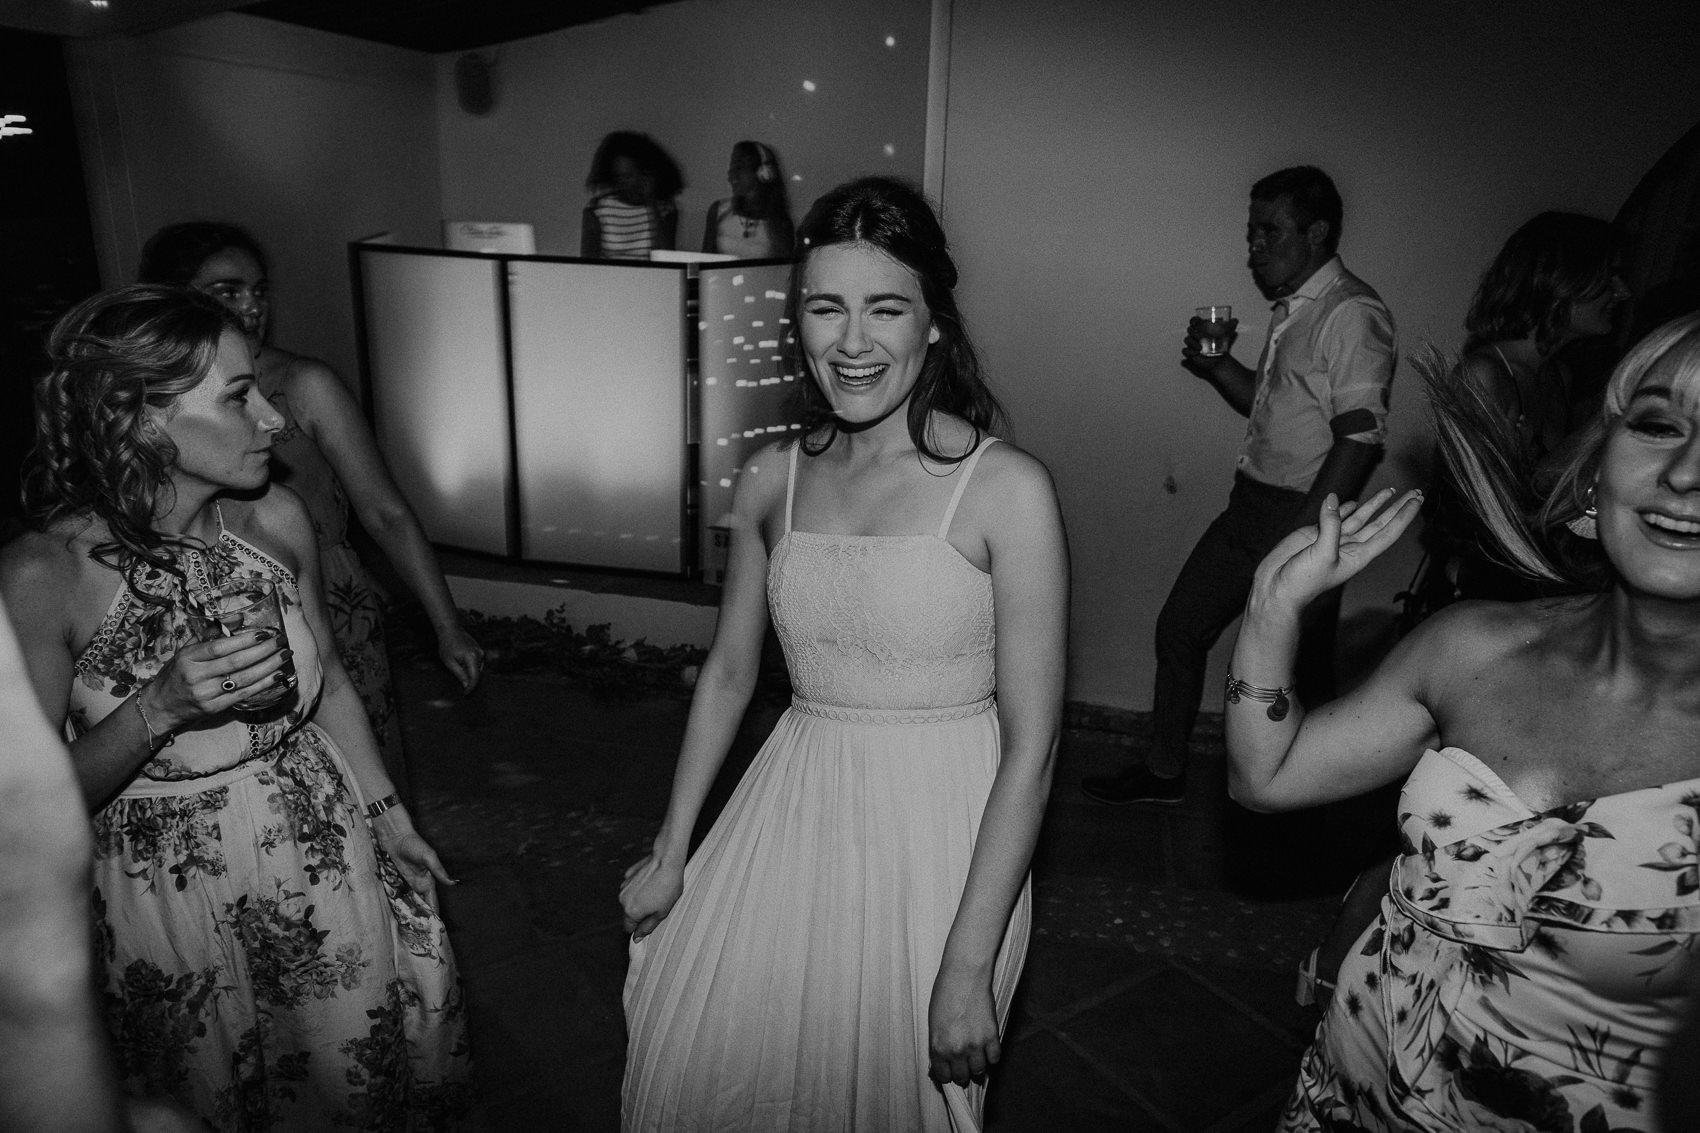 Sarah & Bill | Summer wedding at Cortijo Rosa Blanca | Marbella - Spain 185